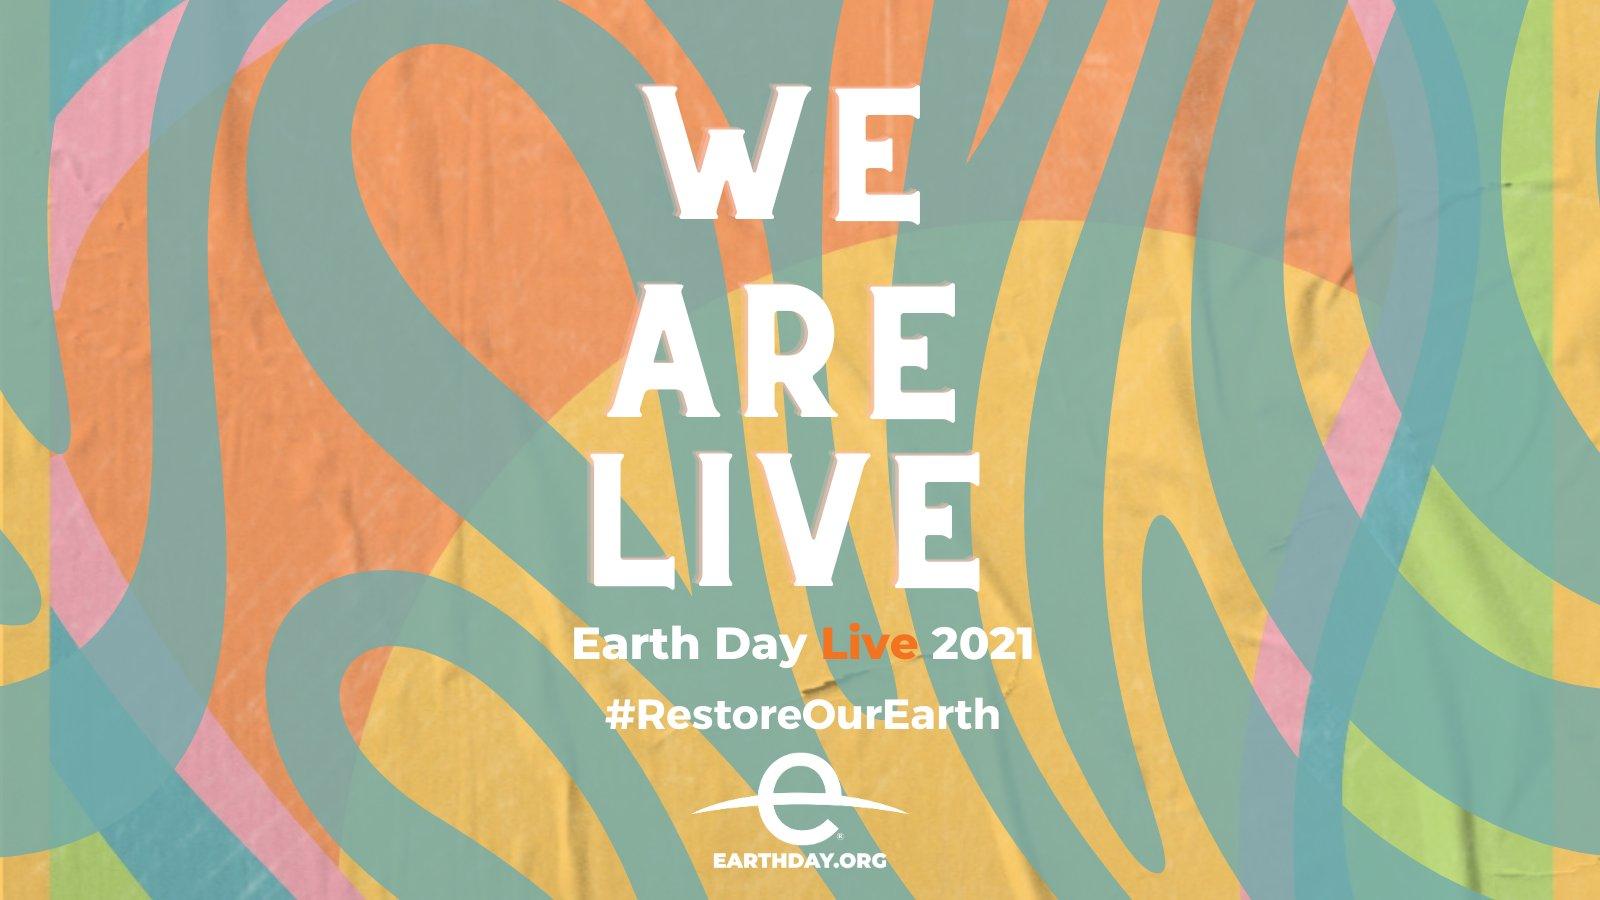 Día de la Tierra, en su 51 º aniversario se menciona la dieta vegana